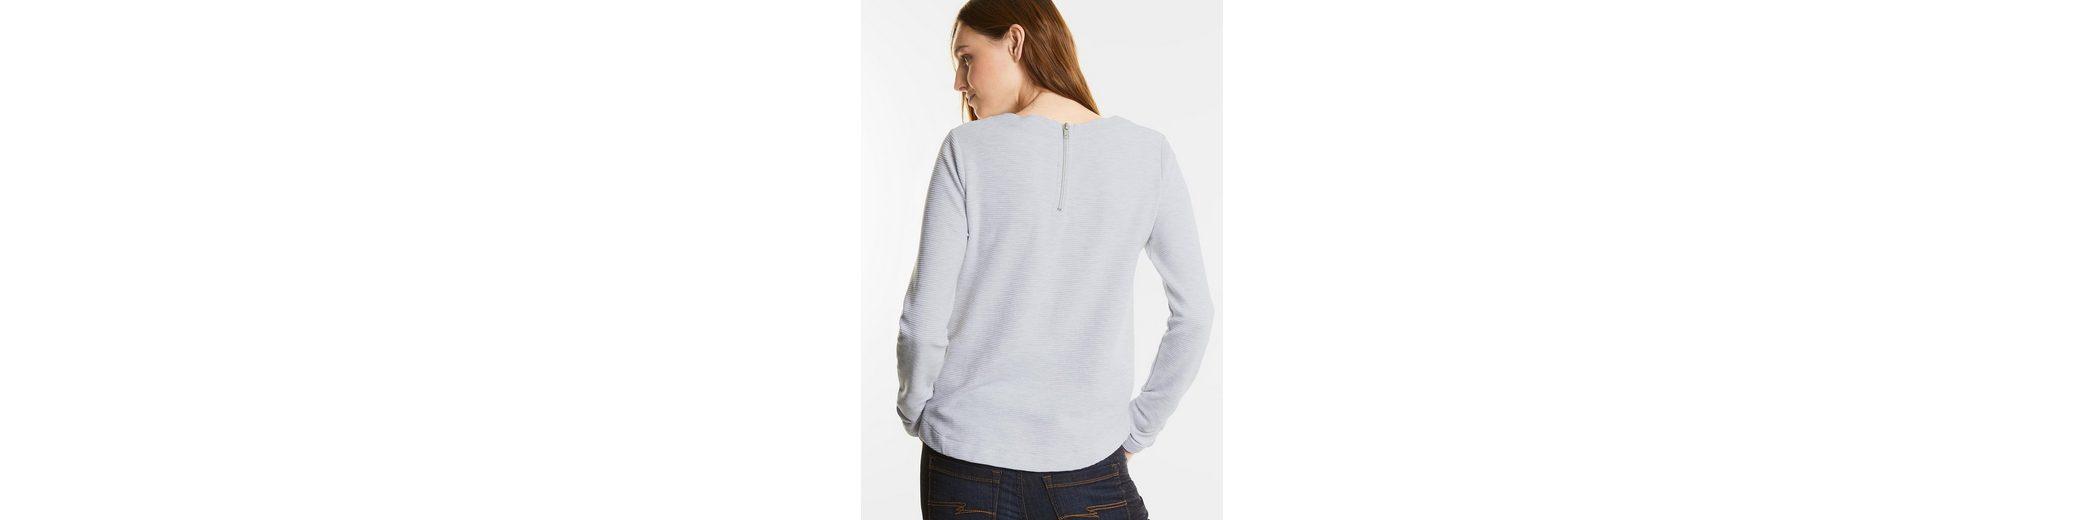 Street One Rippshirt mit Zipper Laira Offizielle Seite Spielraum Extrem Günstig Kaufen Ebay ou5L9j33j7